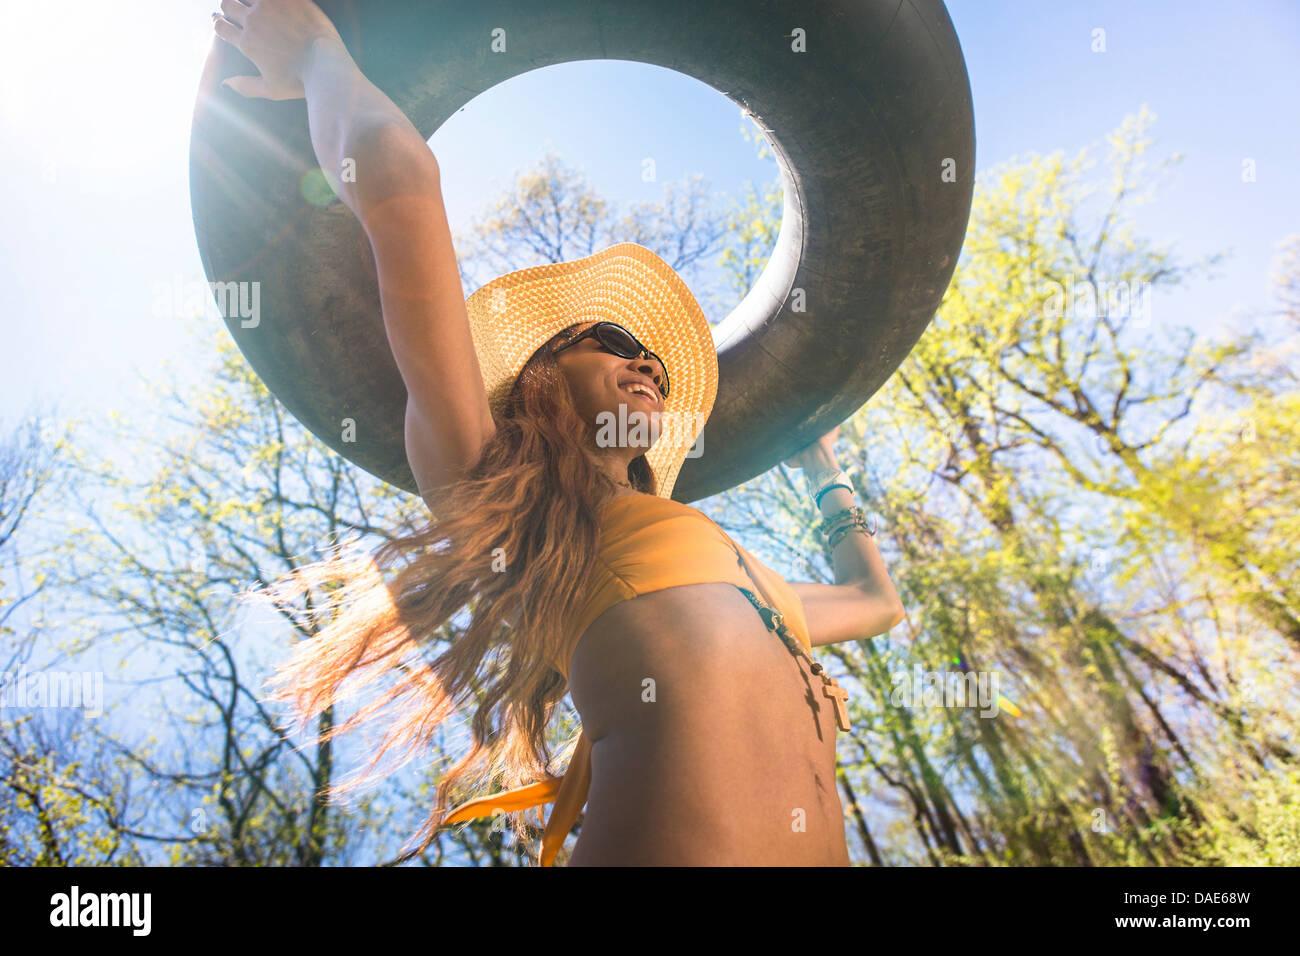 Donna che indossa un cappello e occhiali da sole che porta tubo interno  sopra la testa 8153d32b163e